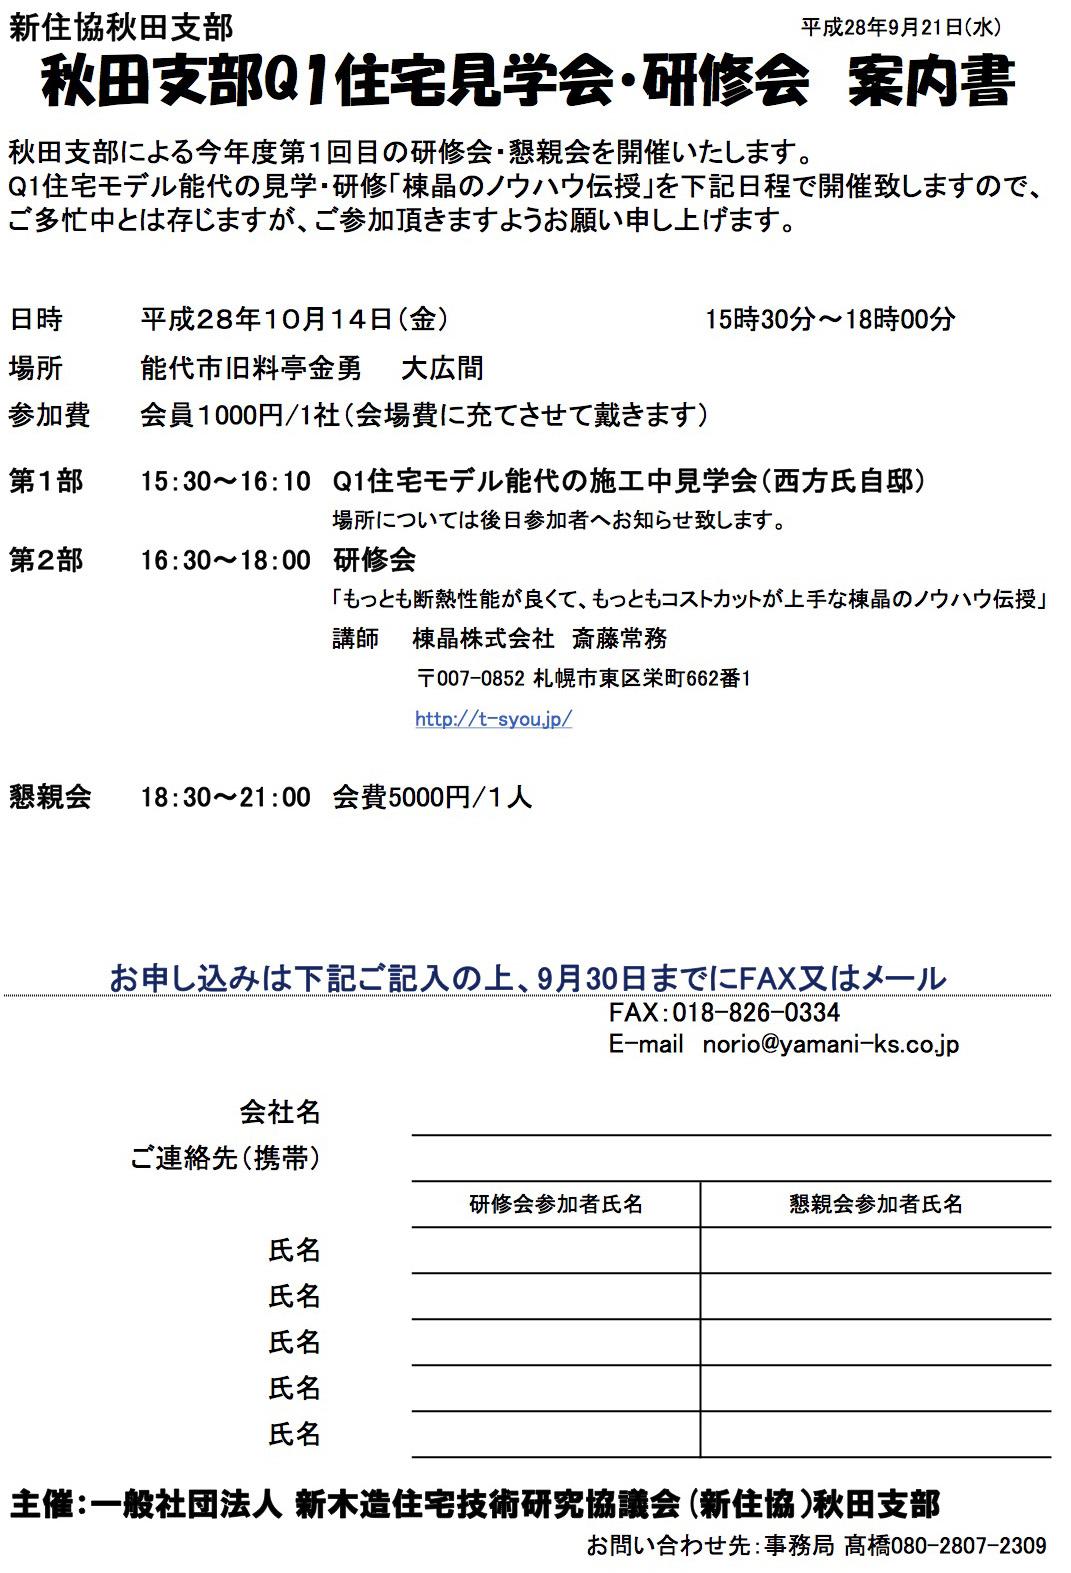 14日 新住協秋田支部 見学会・研修会_e0054299_17101366.jpg